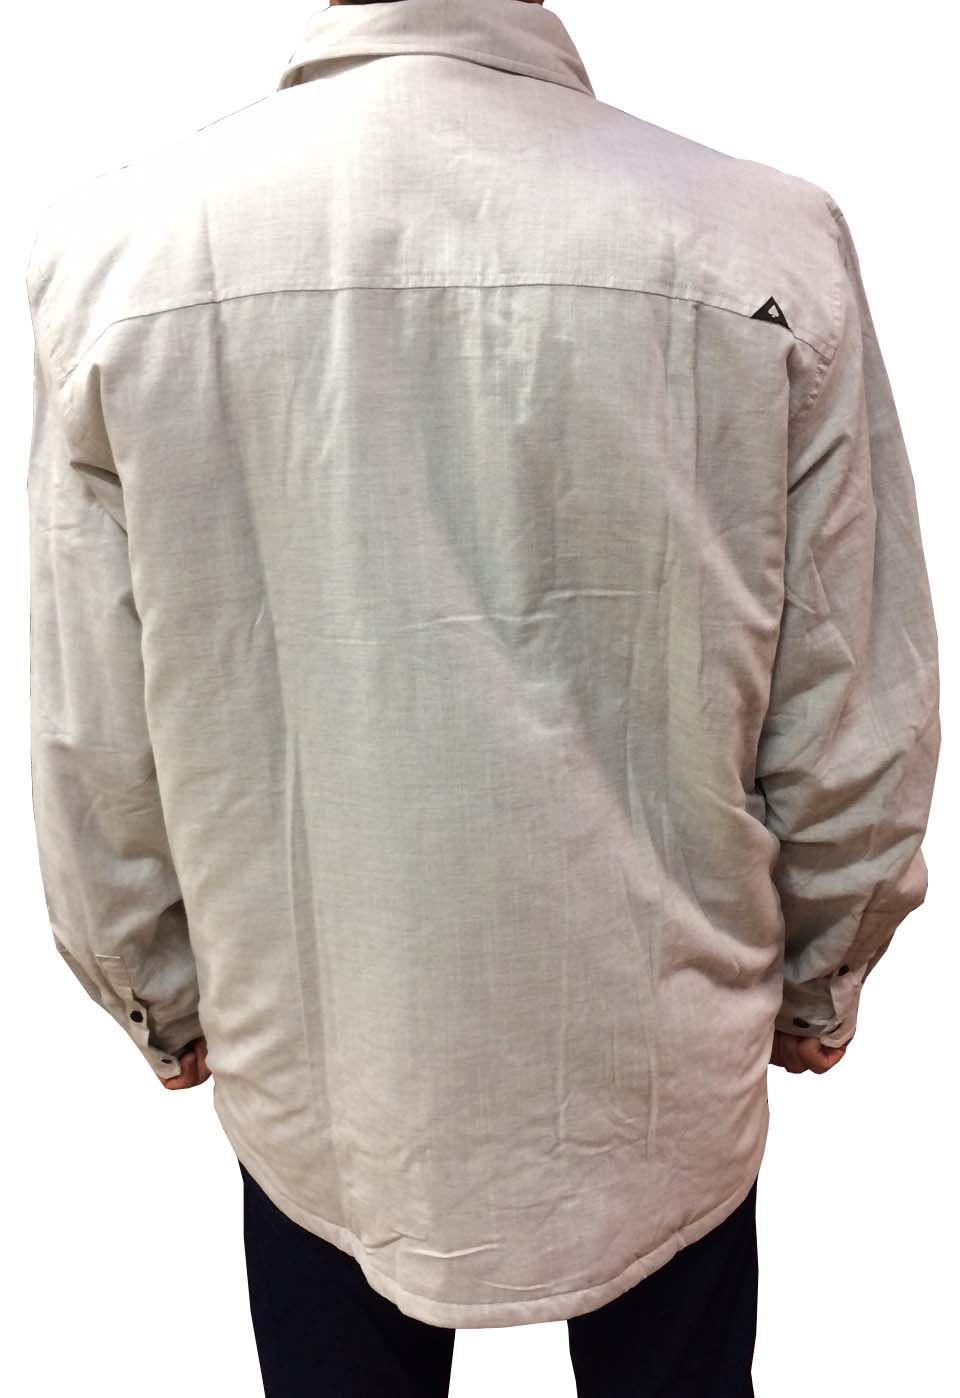 Camisão Mcd Forrado Comfort Core 11919603 Masculino